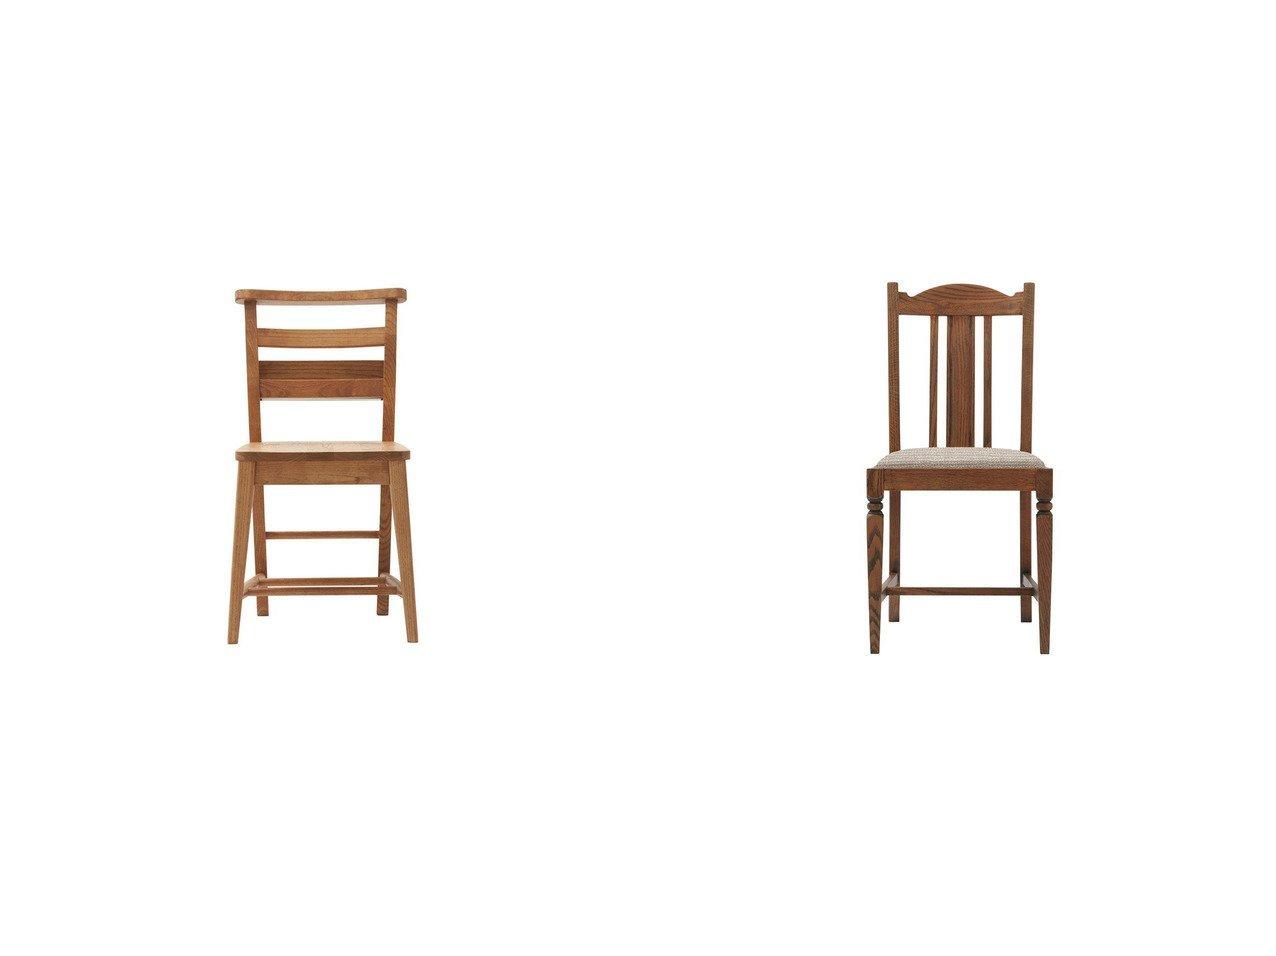 【FLYMEe Parlor/フライミーパーラー】のチェア n2621&ラック付チェア n2617 【FURNITURE】おすすめ!人気、インテリア雑貨・家具の通販 おすすめで人気の流行・トレンド、ファッションの通販商品 インテリア・家具・メンズファッション・キッズファッション・レディースファッション・服の通販 founy(ファニー) https://founy.com/ 送料無料 Free Shipping ボックス モチーフ ホーム・キャンプ・アウトドア Home,Garden,Outdoor,Camping Gear 家具・インテリア Furniture チェア・椅子 Chair ダイニングチェア |ID:crp329100000047193